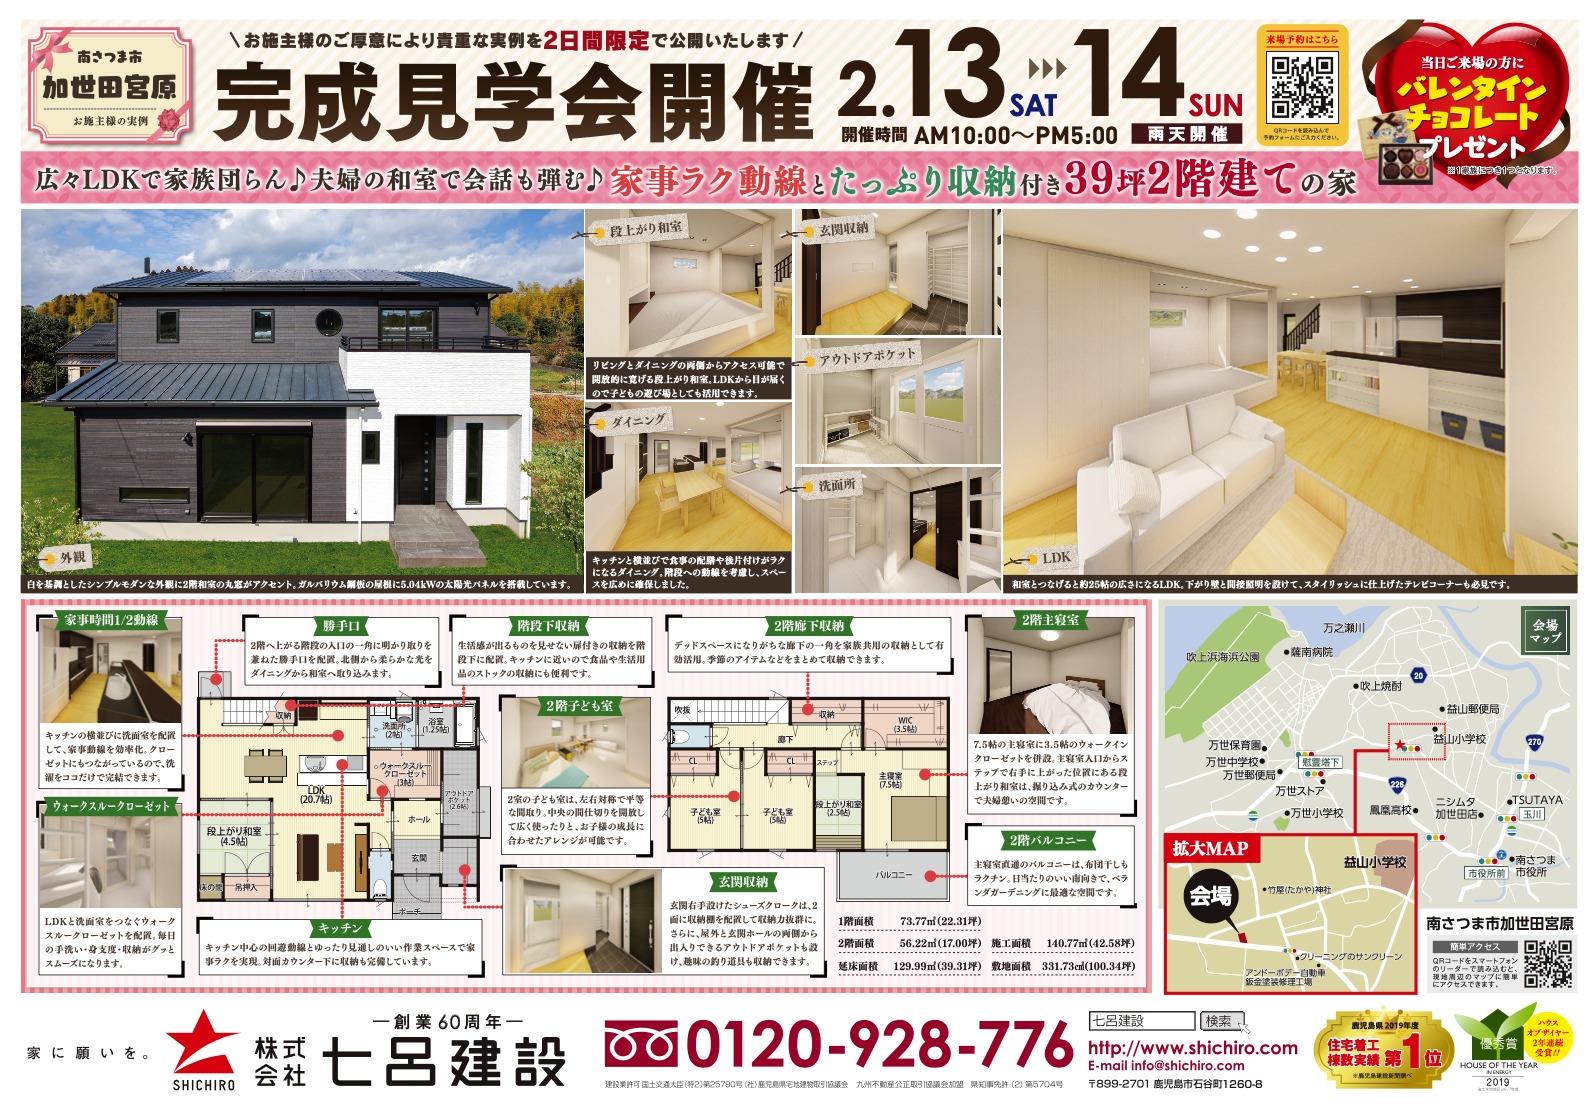 南さつま市加世田で完成見学会 家事ラク動線とたっぷり収納付き39坪2階建ての家